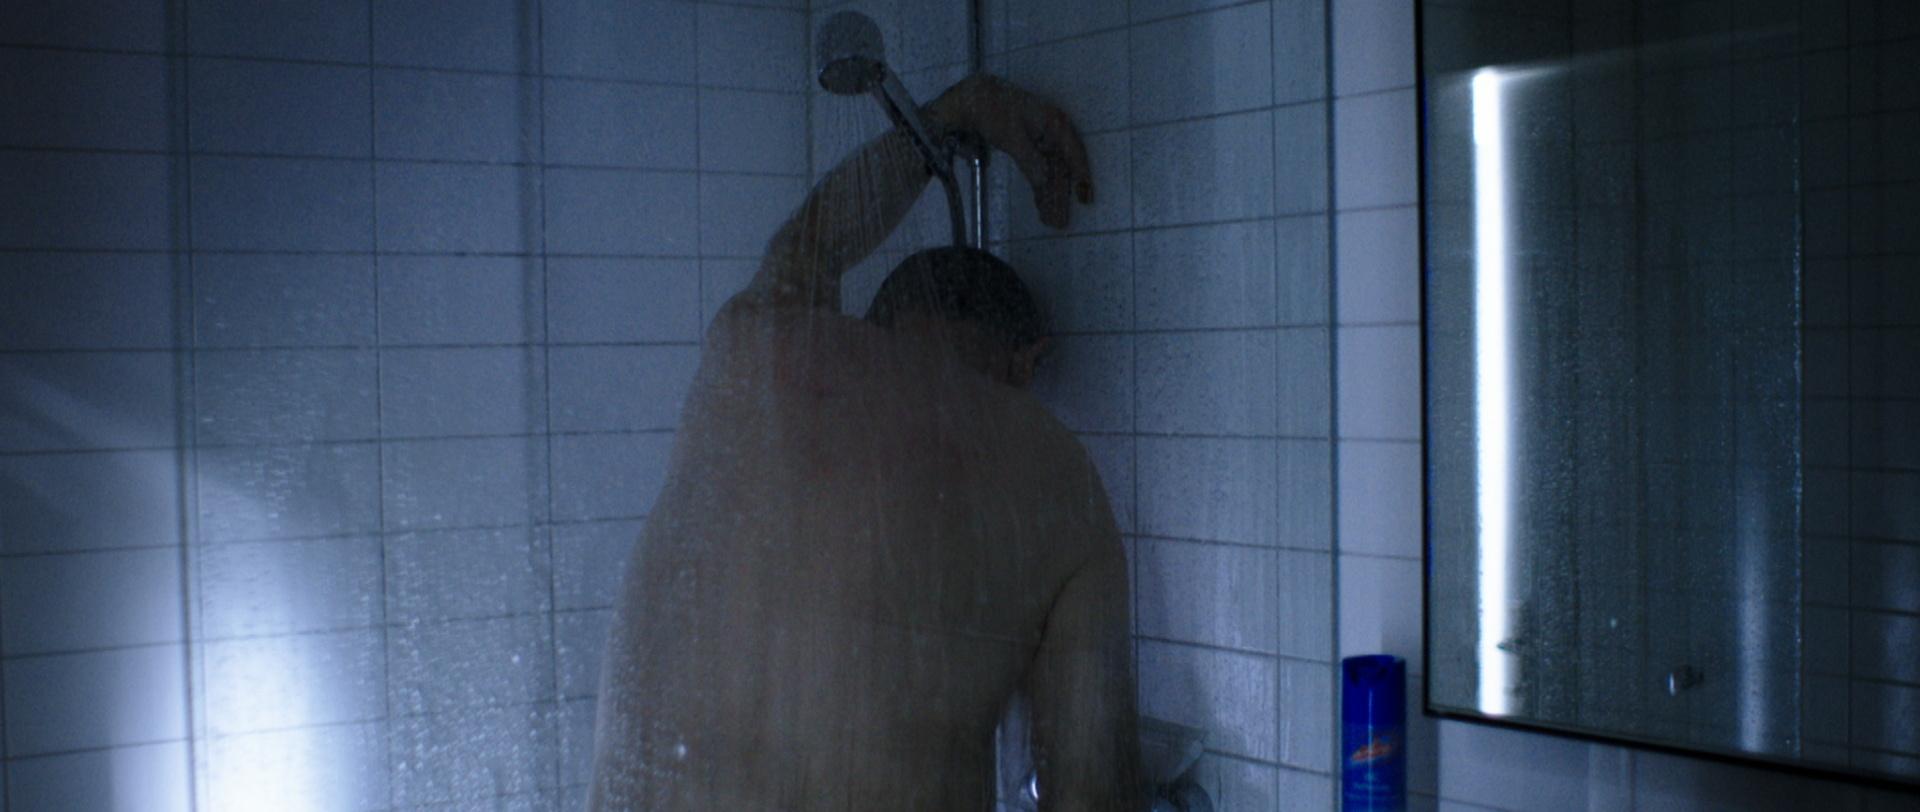 Traumland - Dreamland - in der Dusche - Regie Petra Volpe - Kamera Judith Kaufmann